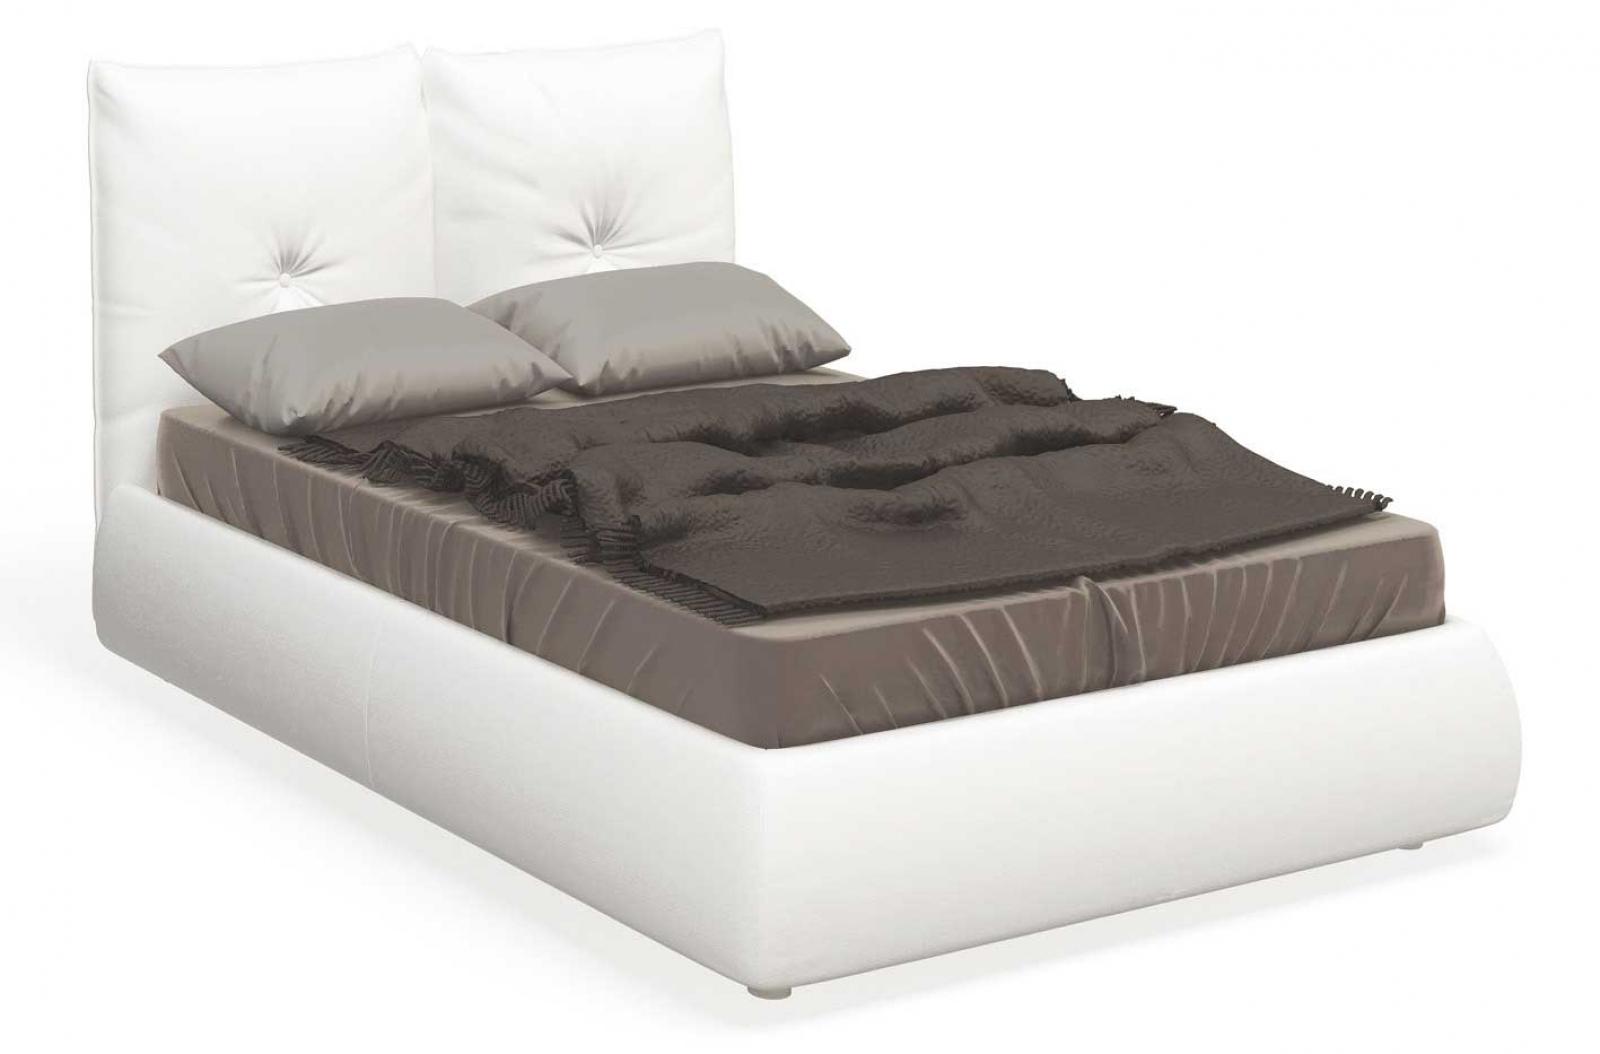 SOLO Белый глянец 800.0714-B Кровать для подъемного основания  1400*2000 - 1